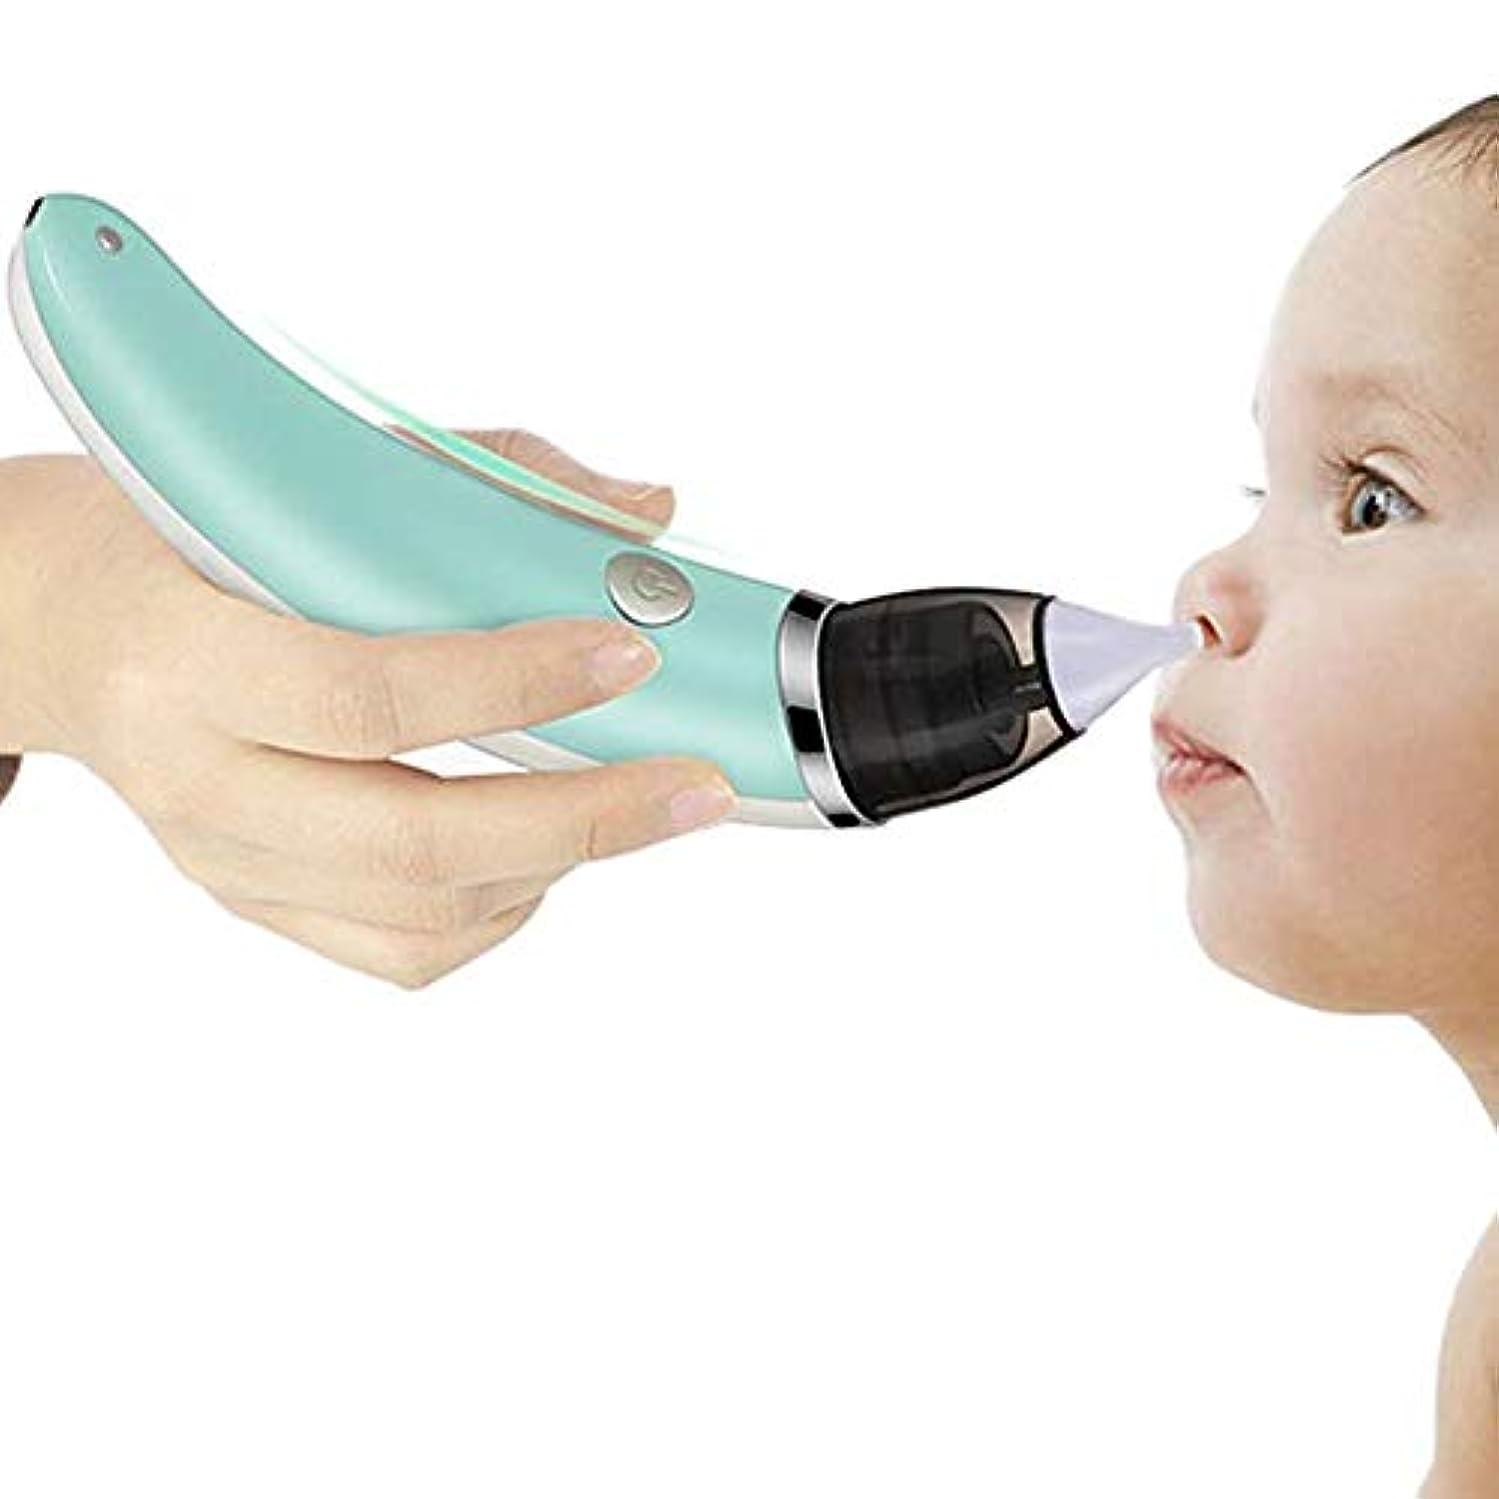 寓話強大なアナウンサー電気鼻洗浄アレルギー性鼻炎治療大人の子供の鼻洗浄器人間工学に基づいた設計360度回転5速吸引調整USB充電